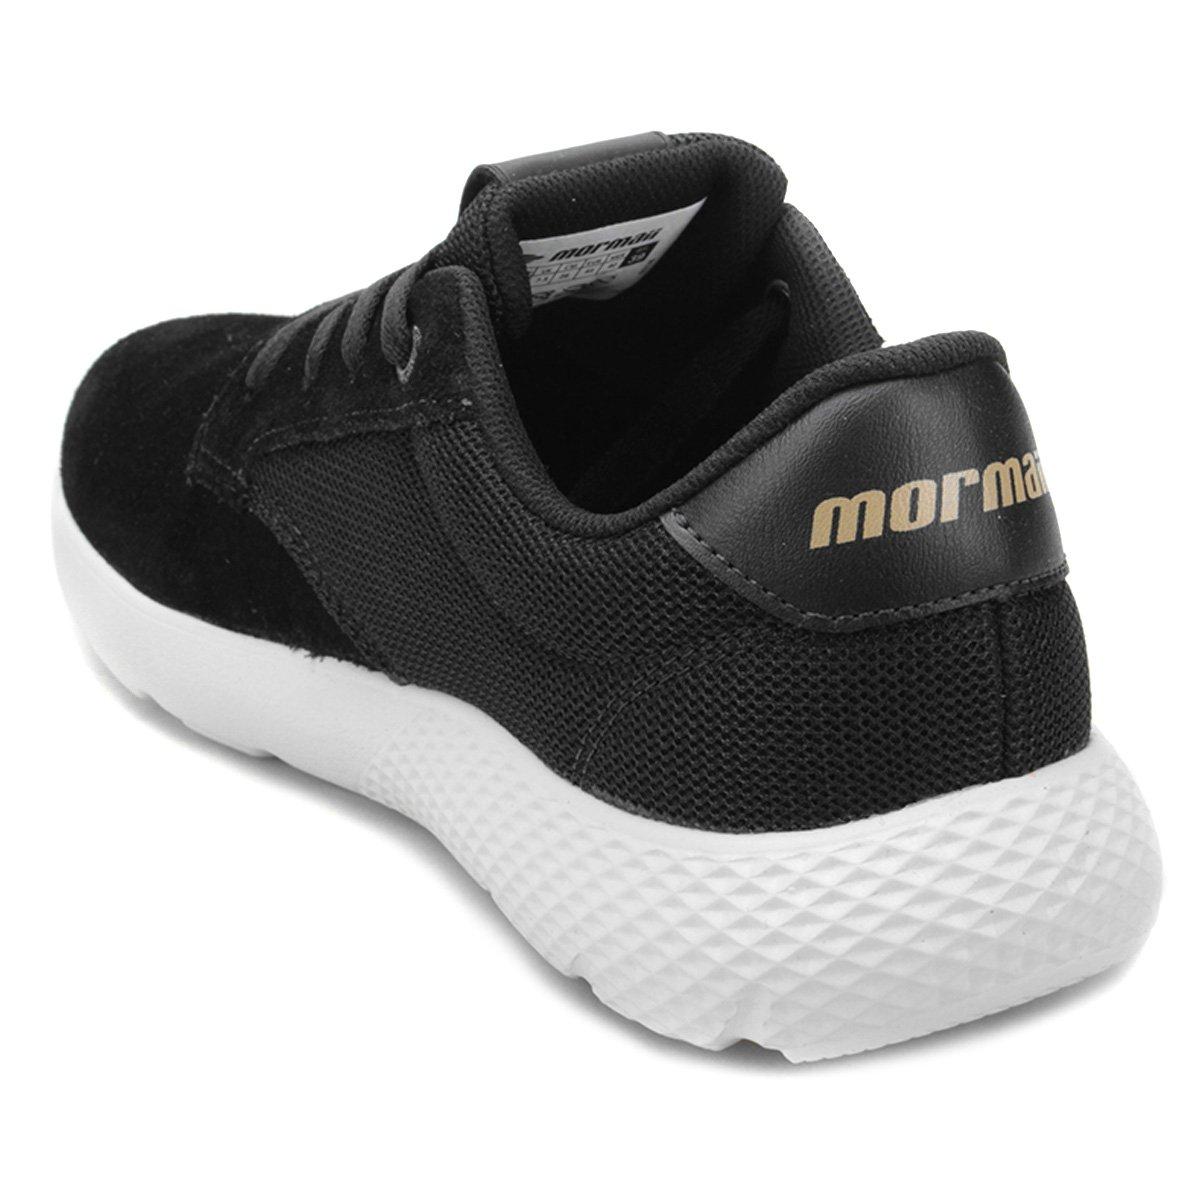 7de97c3394e61 Tênis Mormaii Light Masculino - Preto - Compre Agora   Zattini